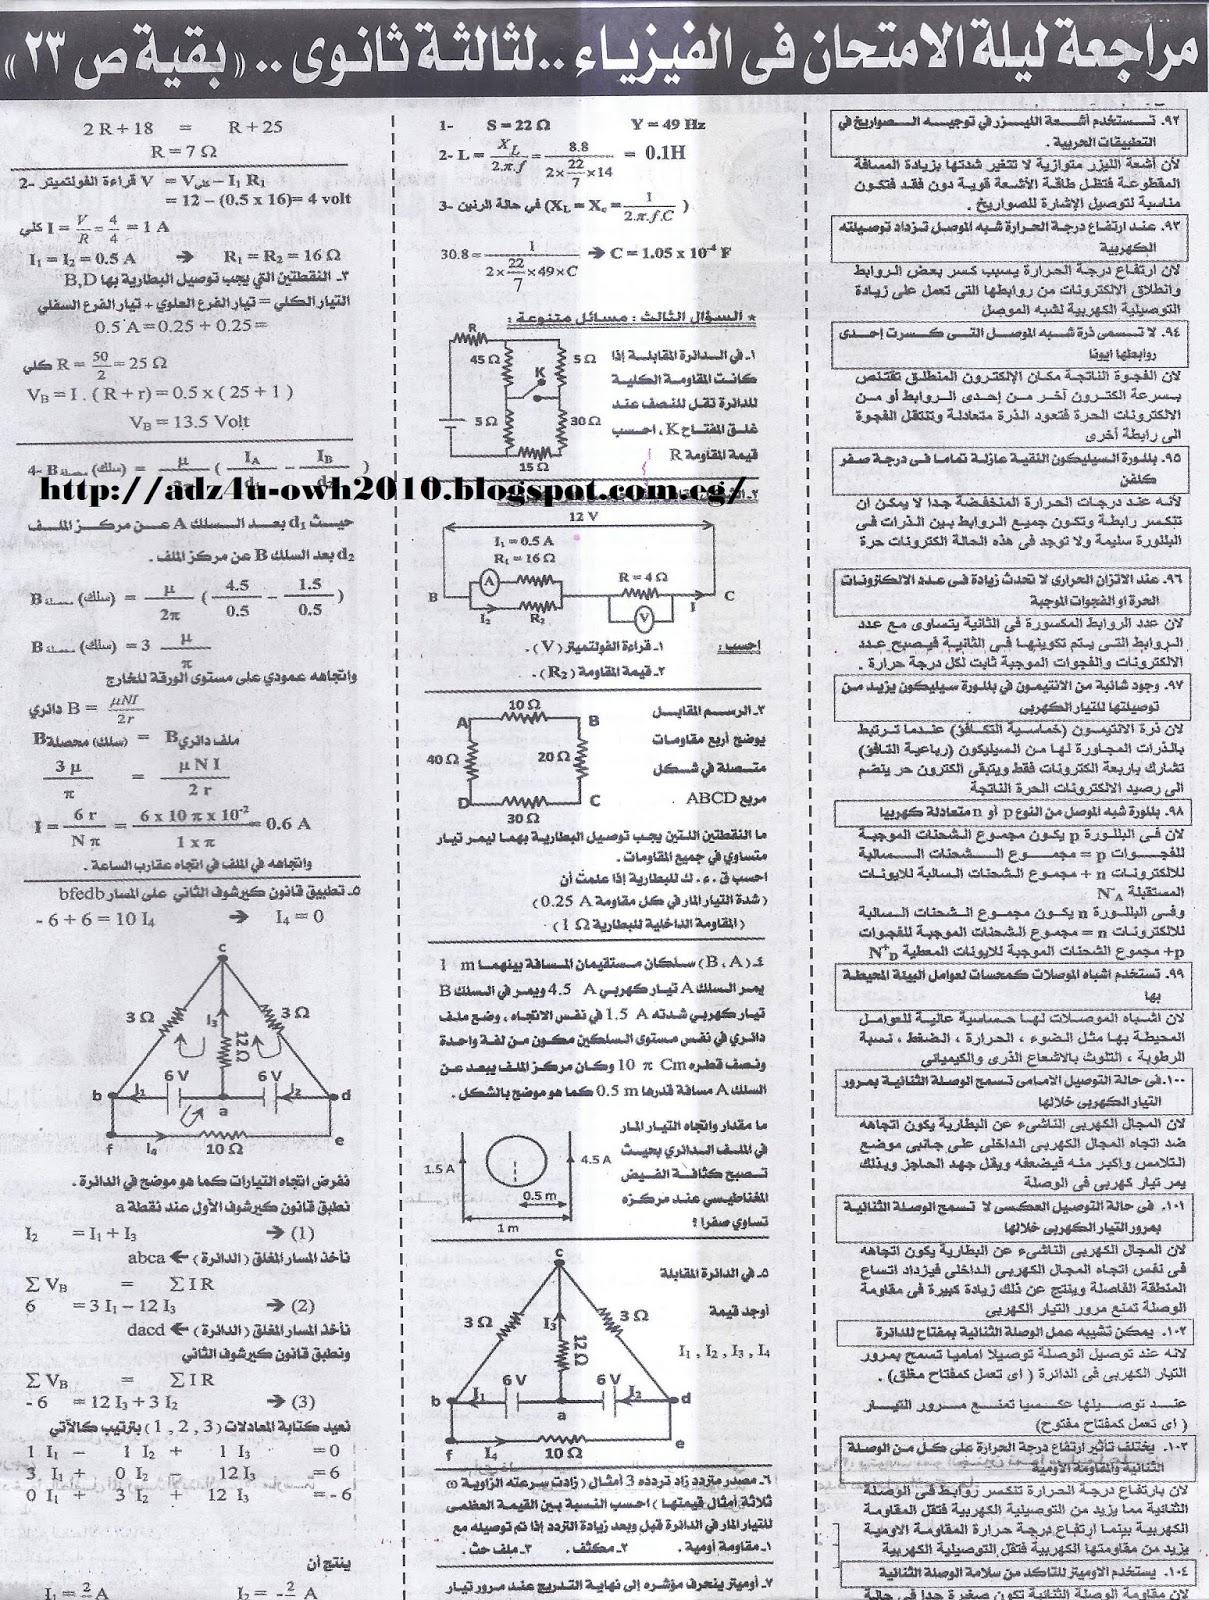 """مراجعة فيزياء .. اهم اسئلة علل واهم المسائل والرسومات البيانية للثانوية العامة """"عربي ولغات"""" 4"""